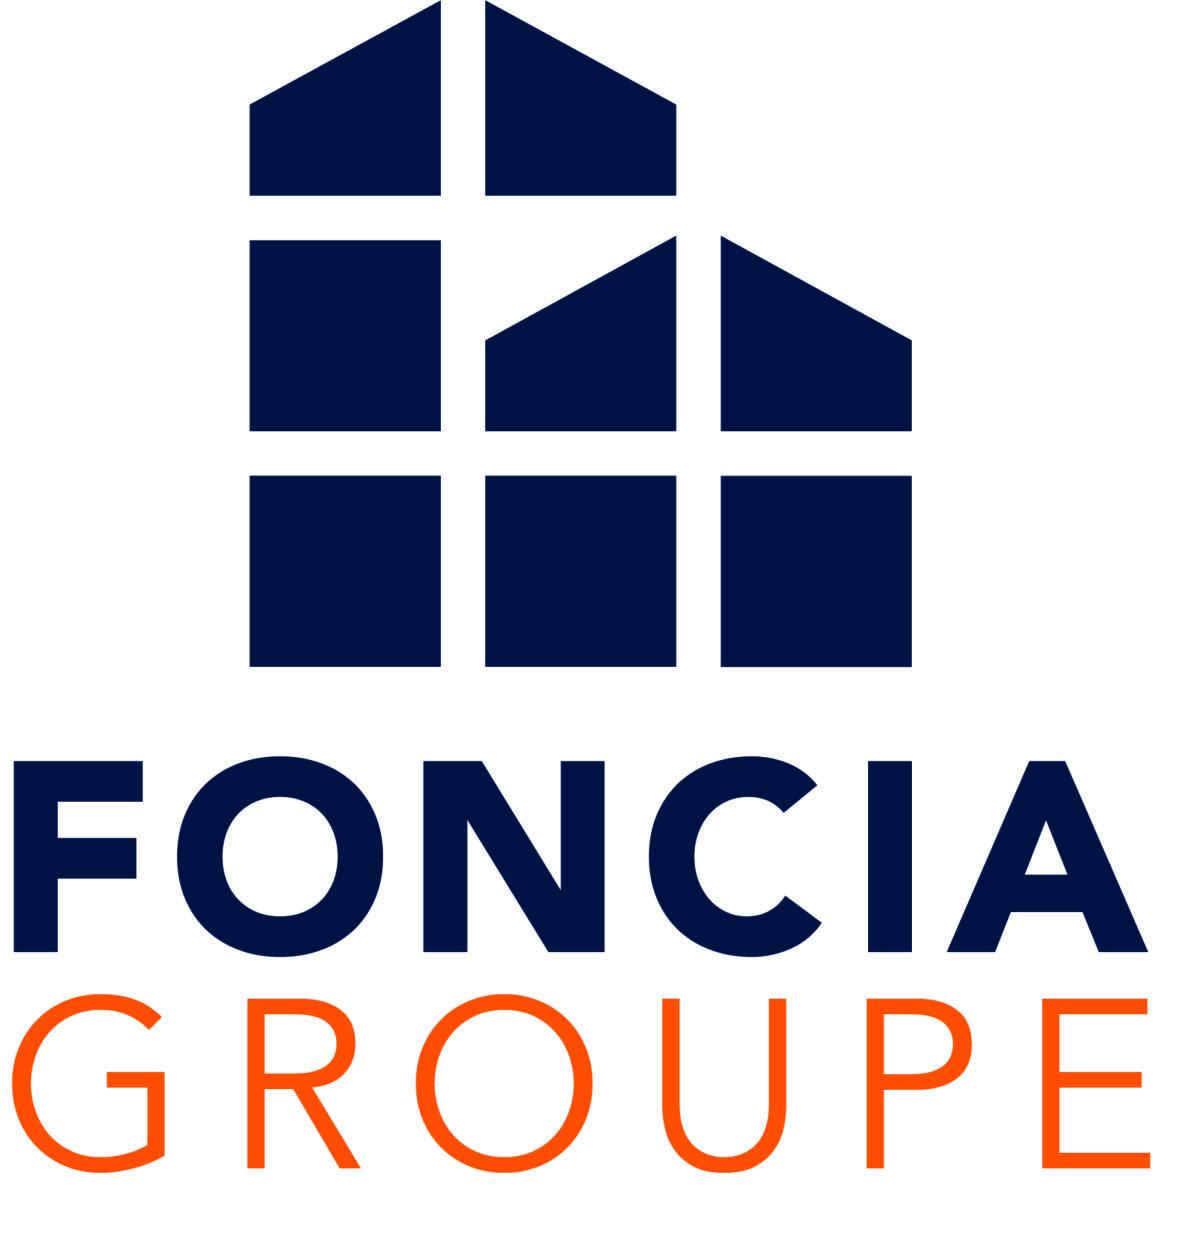 EQ06 – Foncia, leader européen de l'immobilier résidentiel